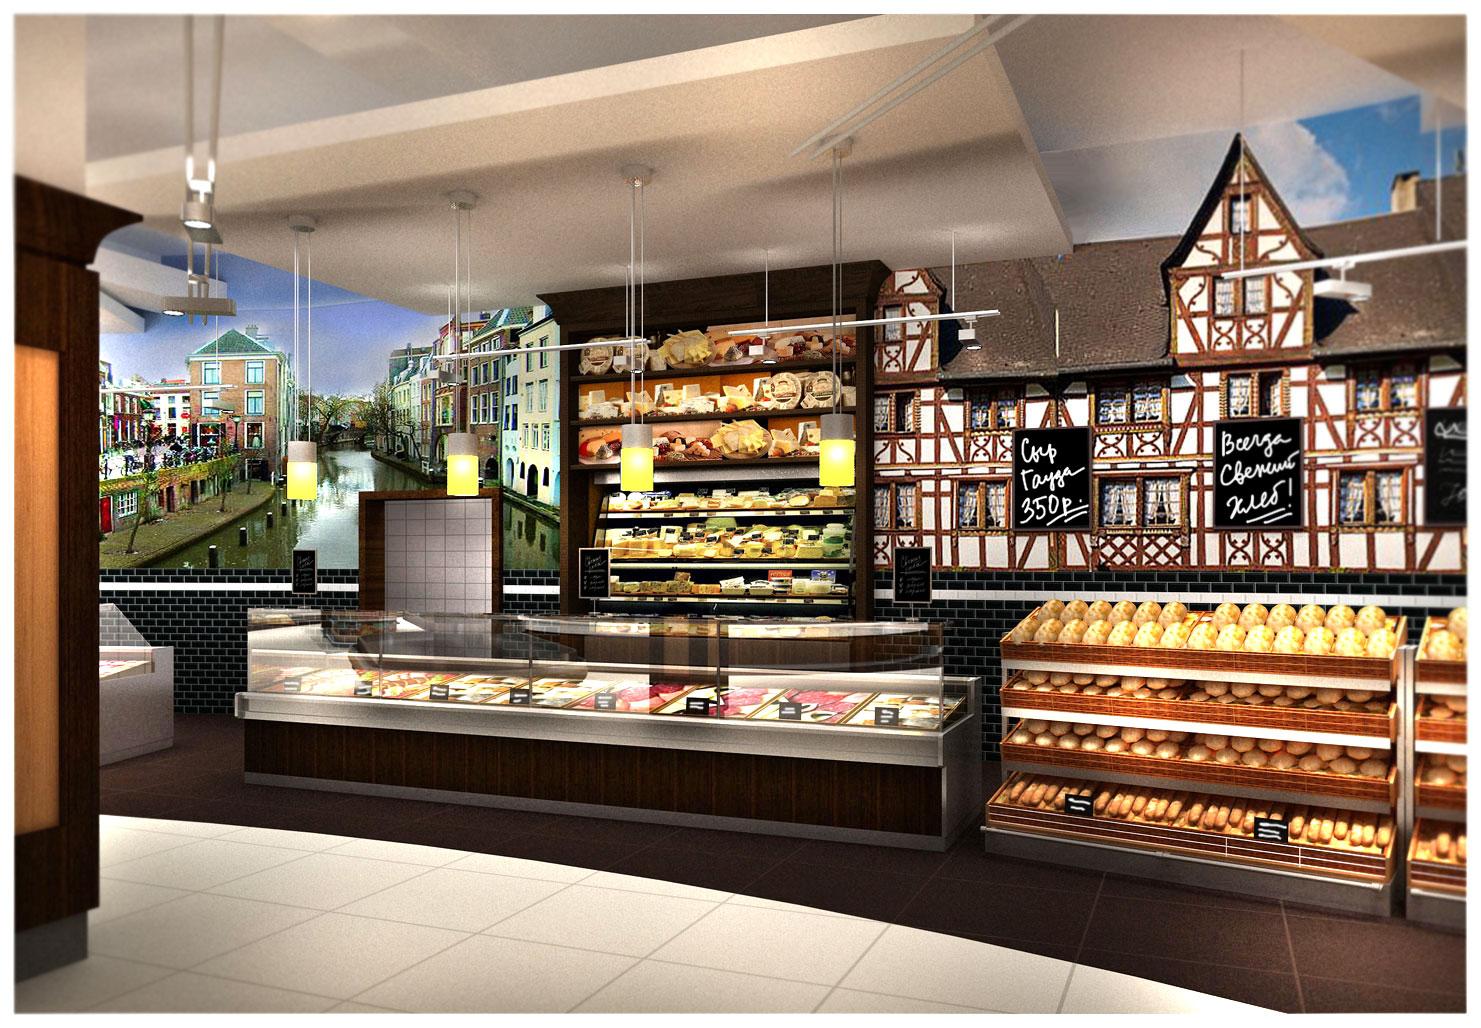 дизайн продуктового магазина фото